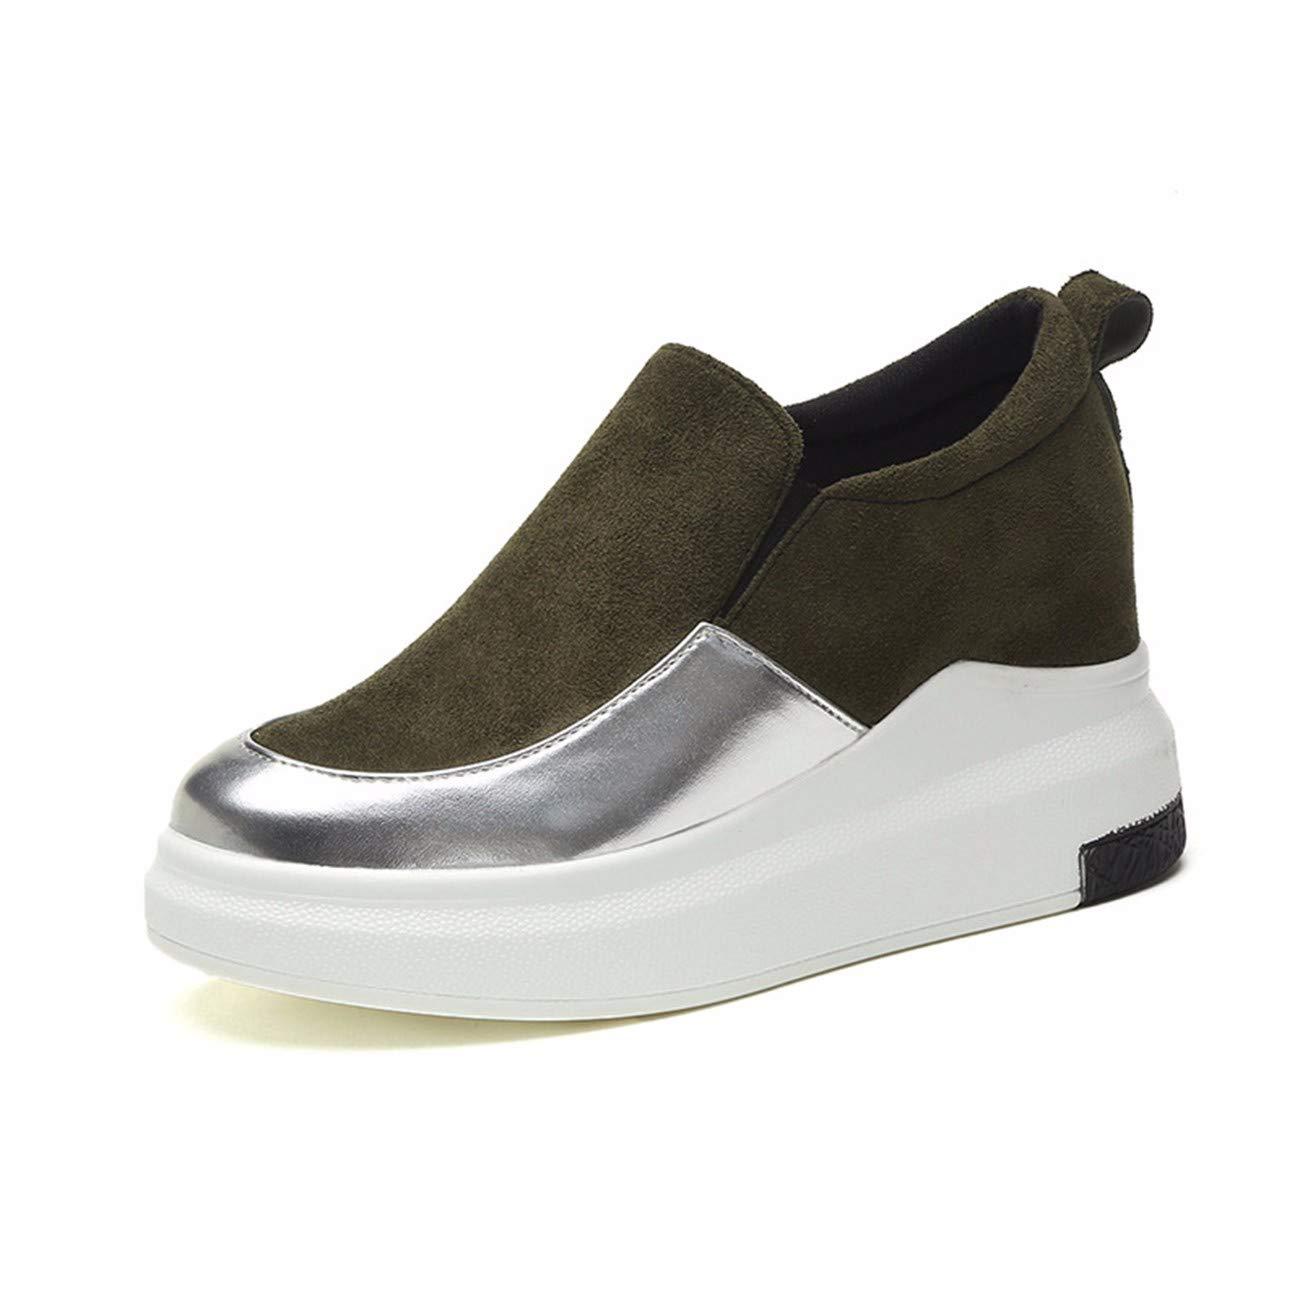 Drinnen, Damenschuhe, Farbe, Die Füße, Koreanischen Version, Flachen Boden Hängen Und Casual Schuhen.